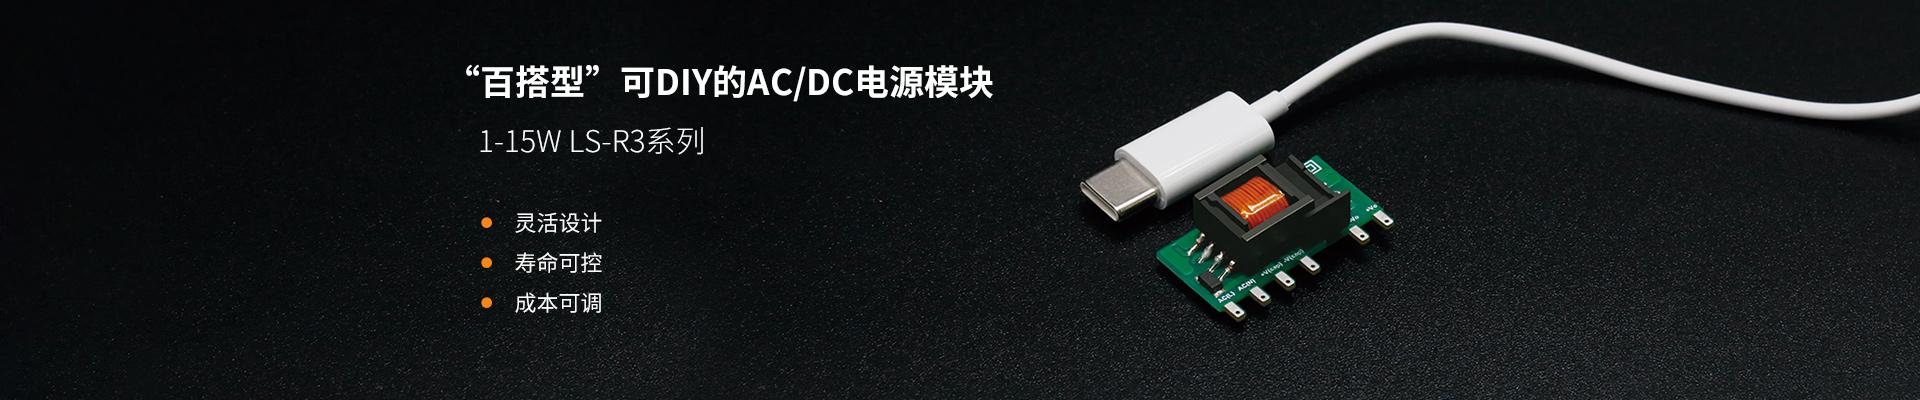 """""""百搭型""""可DIY的AC/DC电源模块 ,1-15W LS-R3系列"""